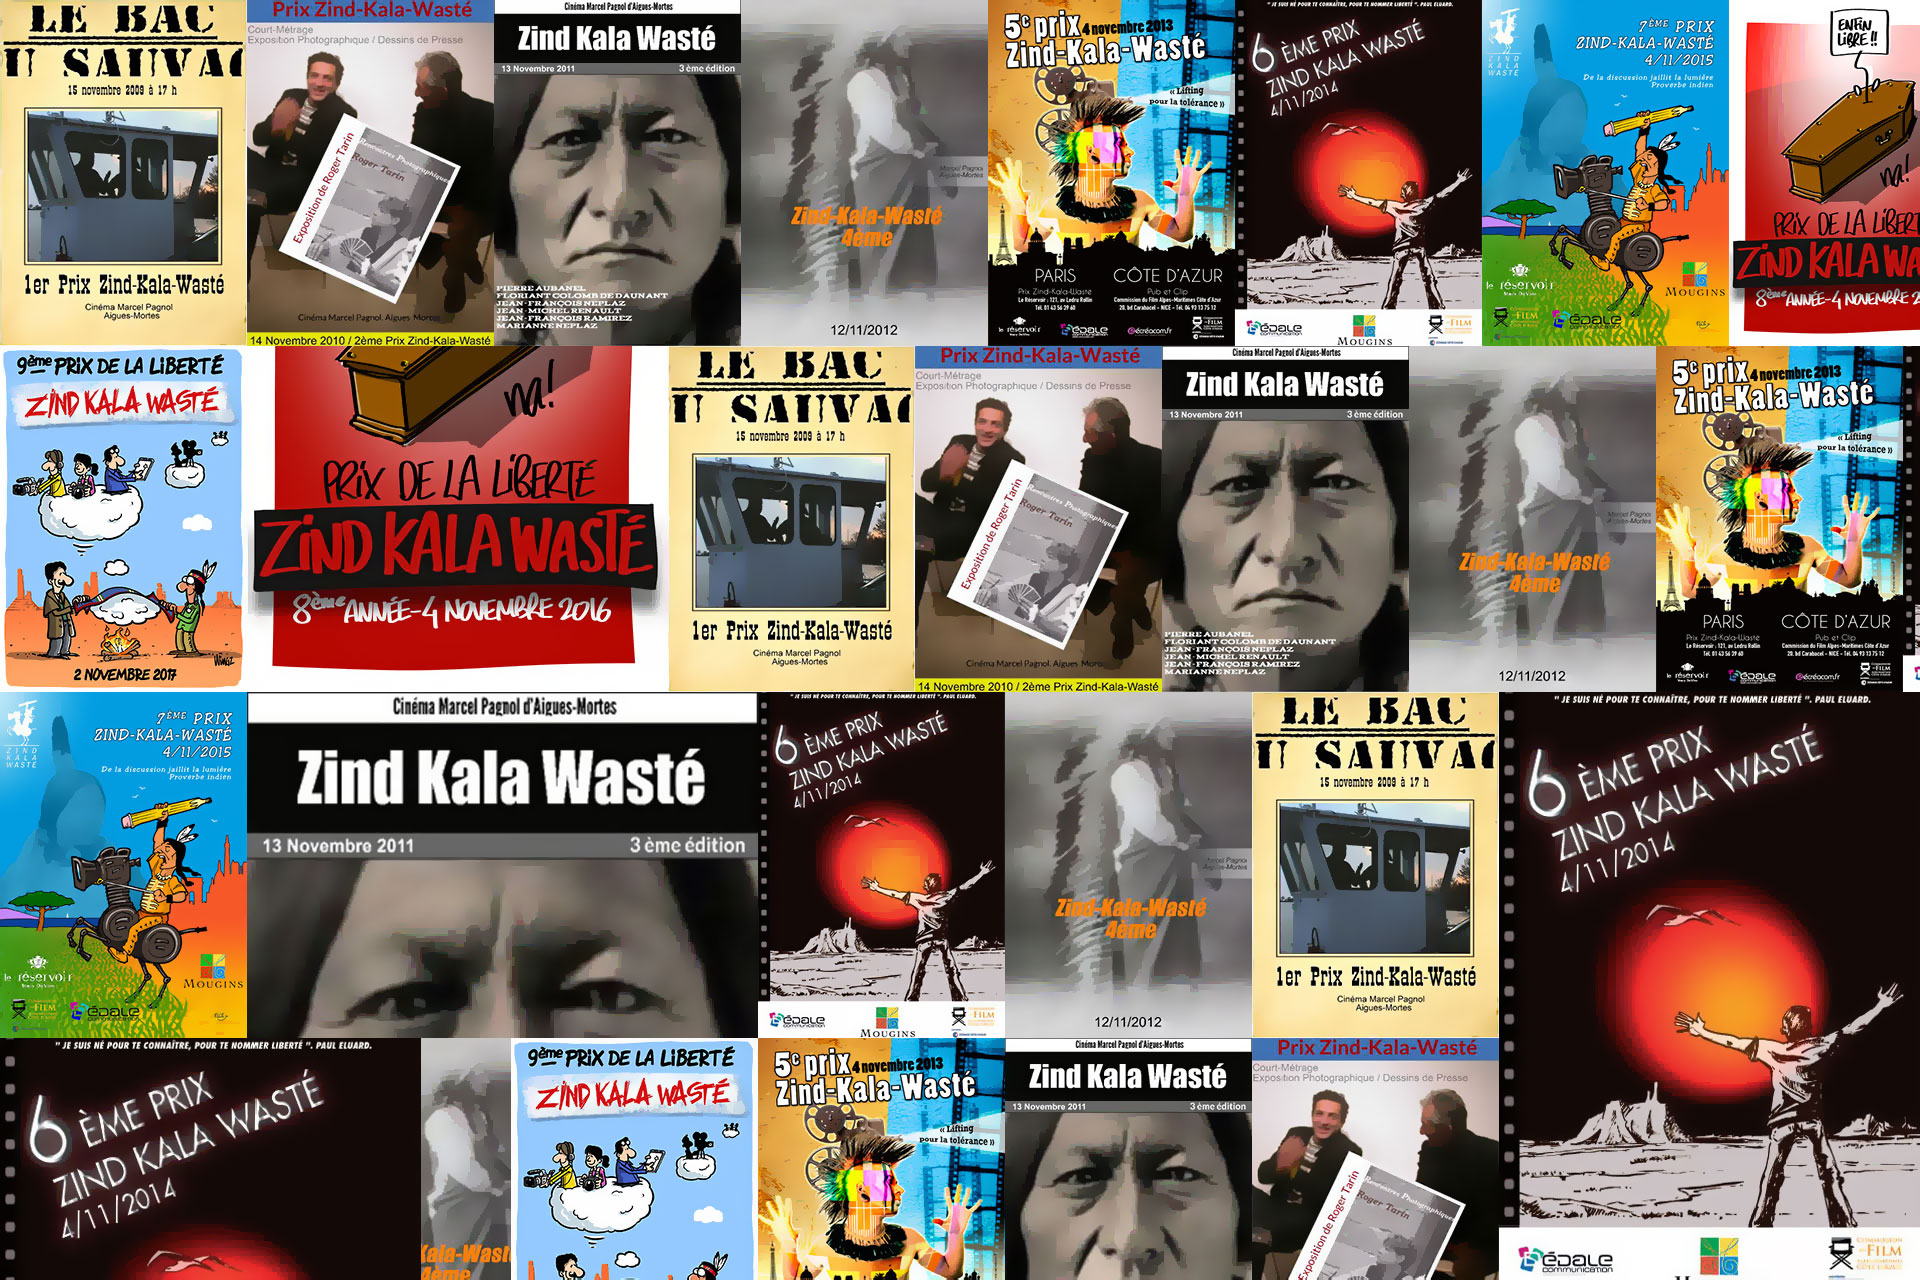 Évènement artistique sur la liberté d'expression Estaque